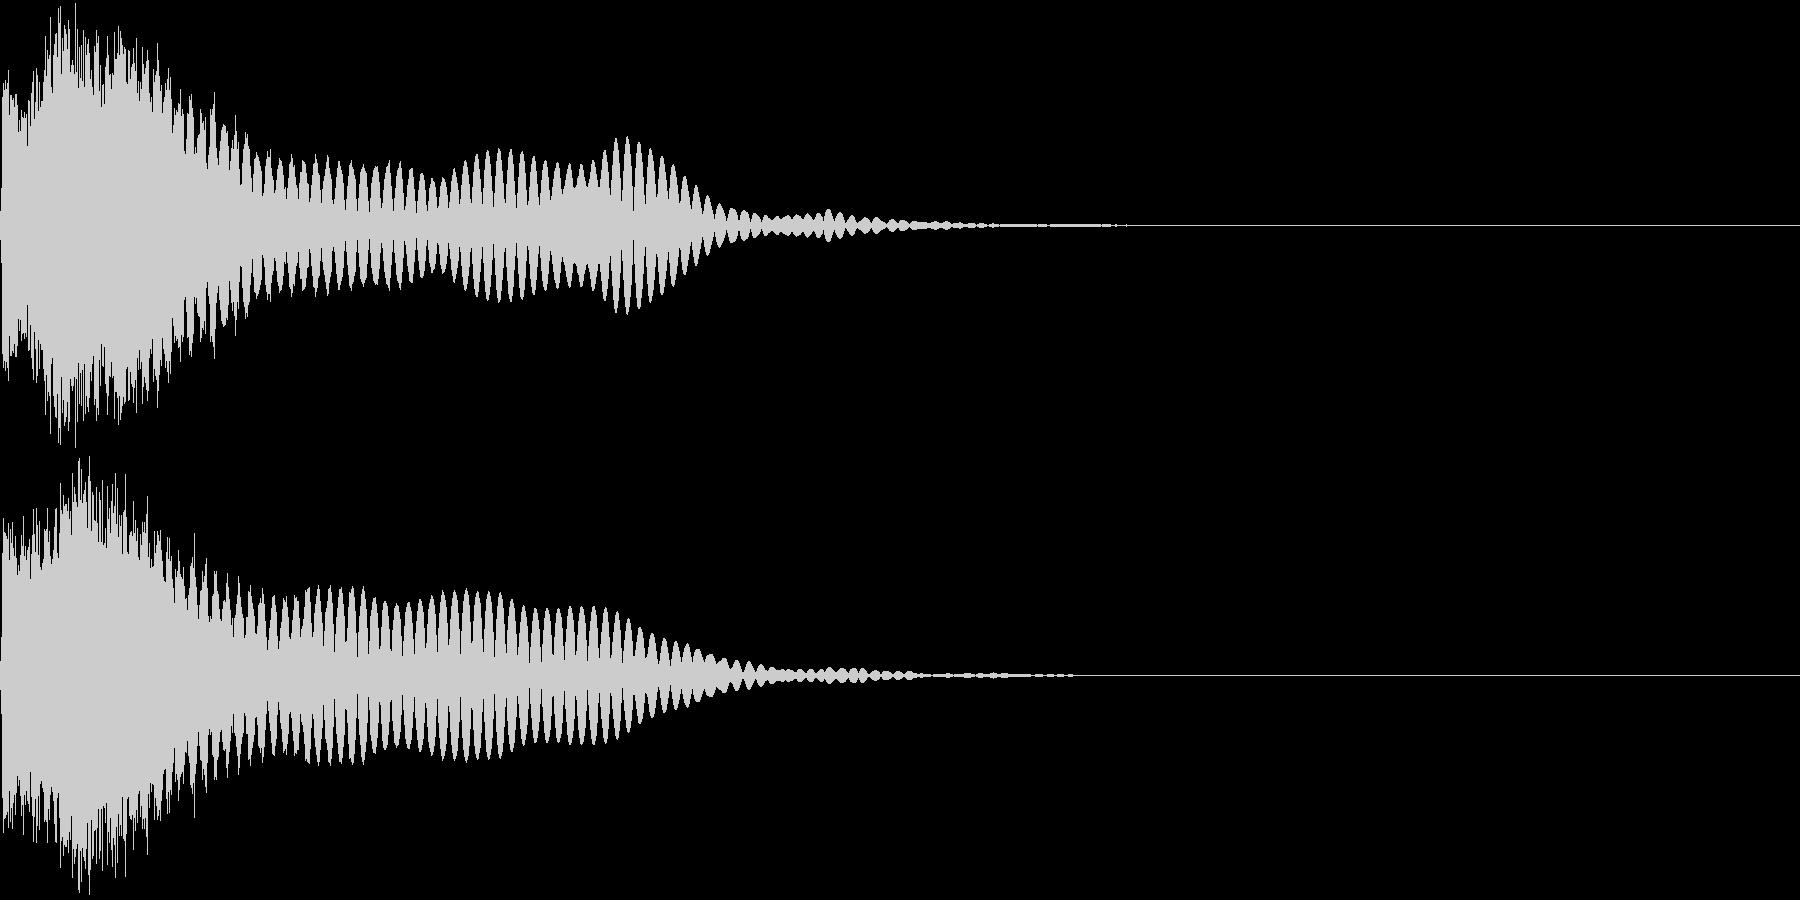 刀 キーン 剣 リアル インパクト Lの未再生の波形